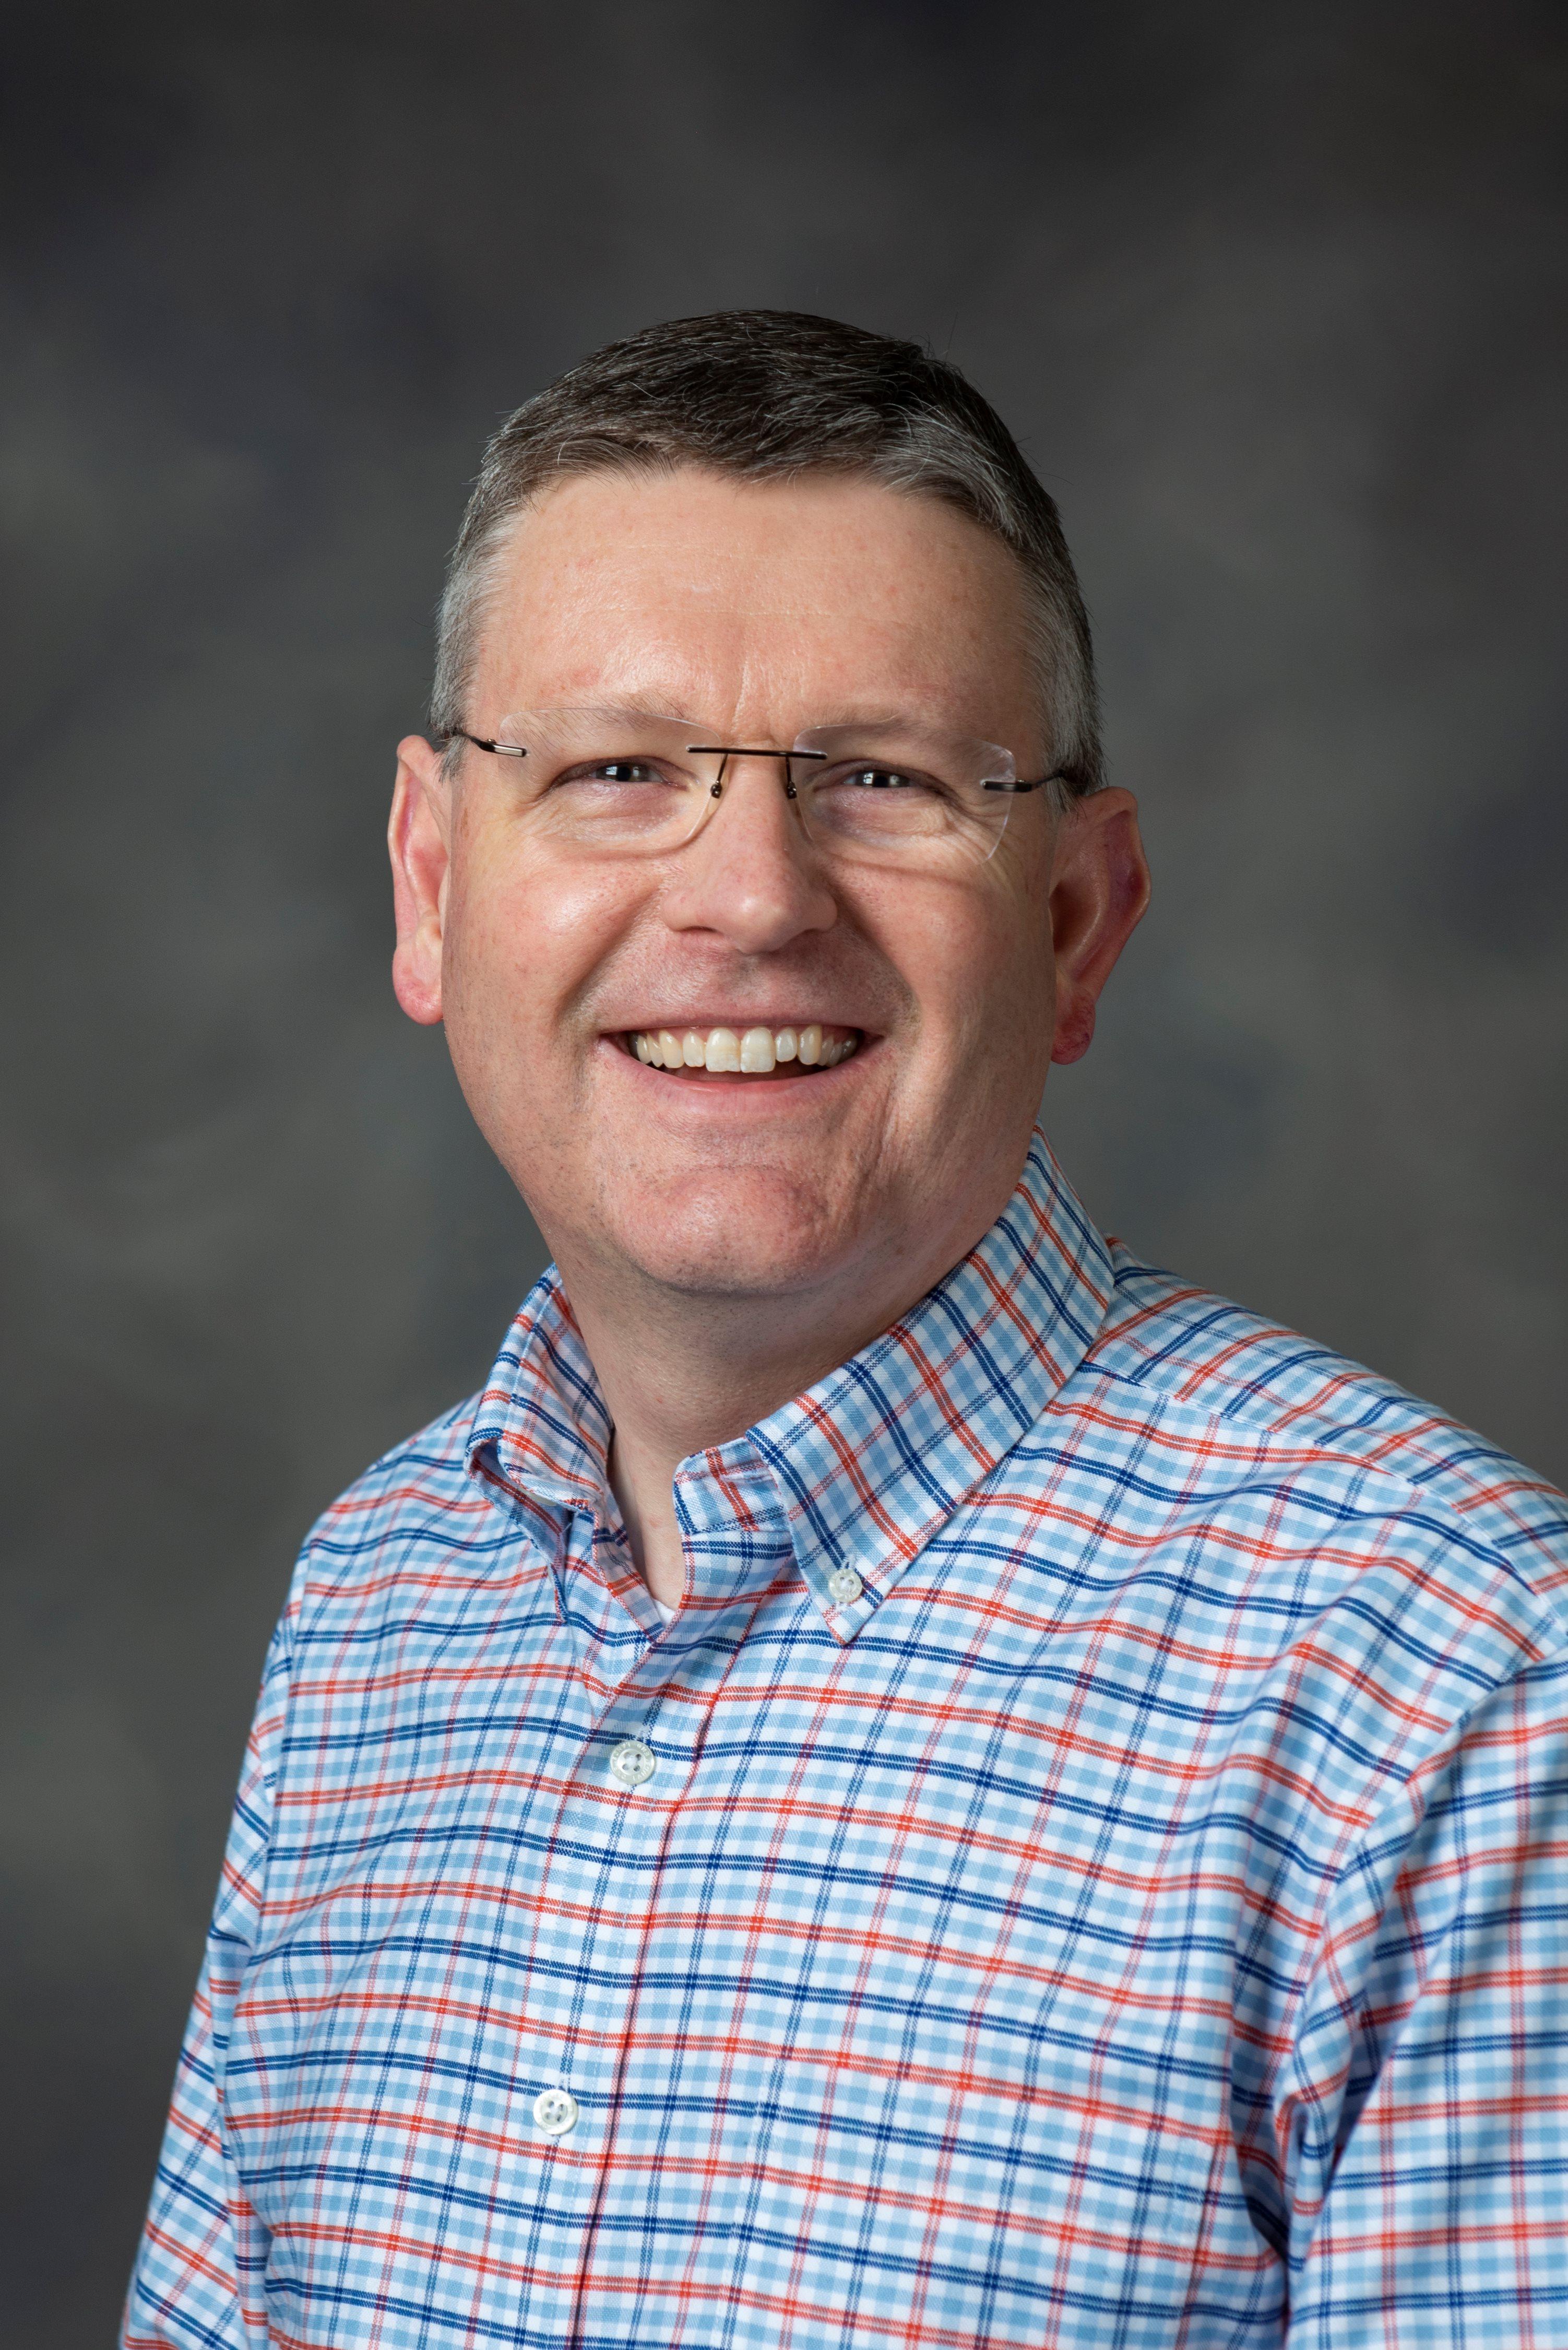 Dr. Stephen Byrd